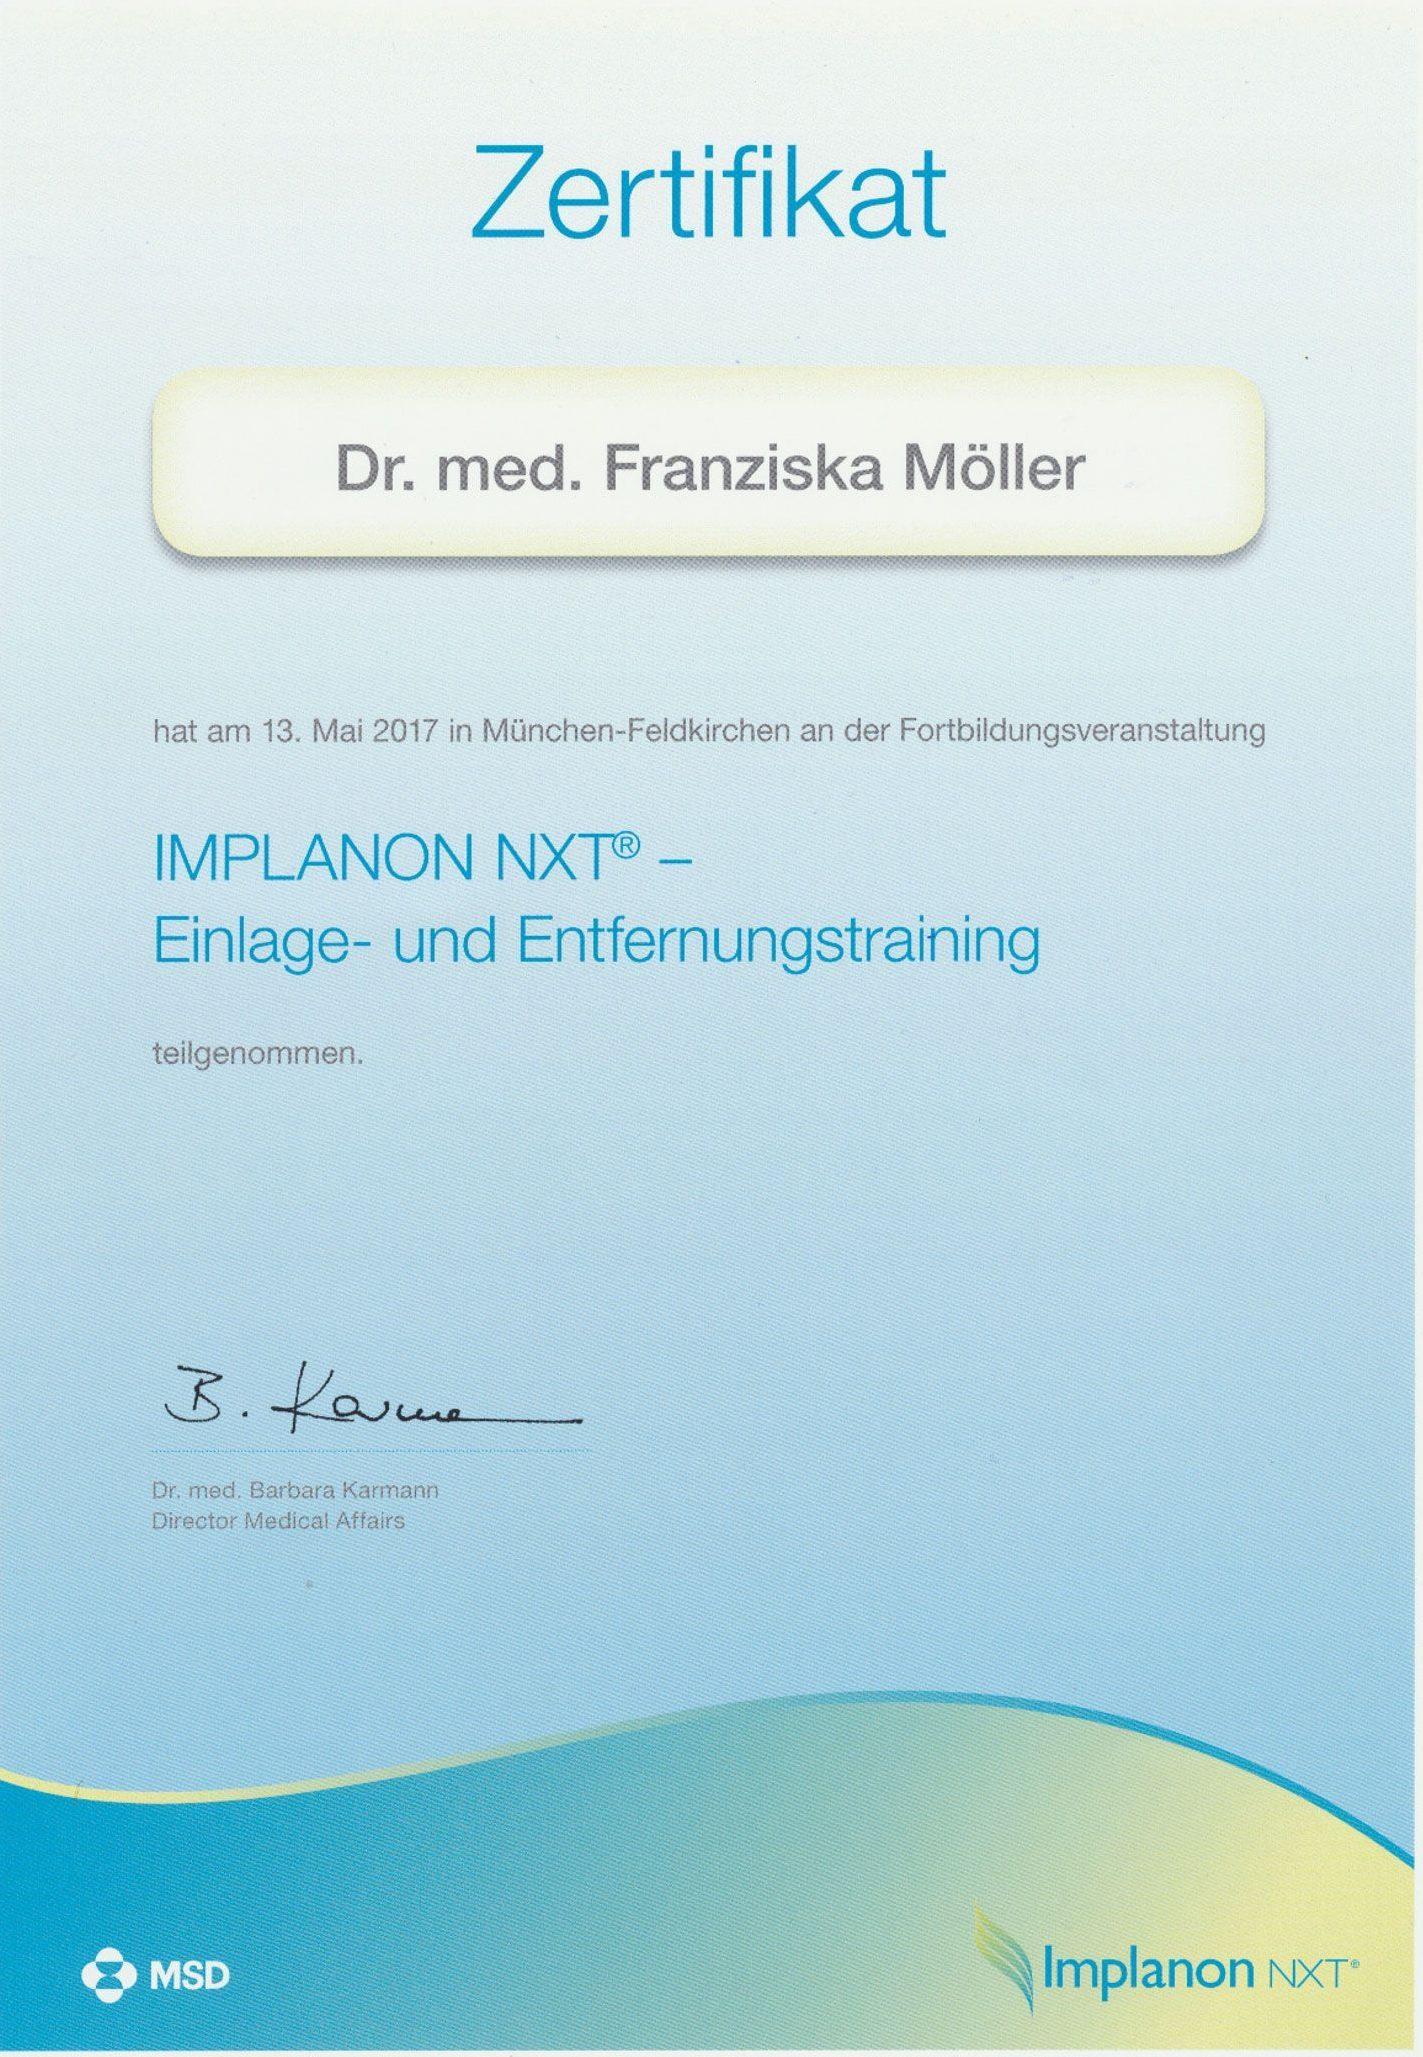 Zertifikat Qualifizierung Weiterbildung Implanon Einlage- und Entfernung